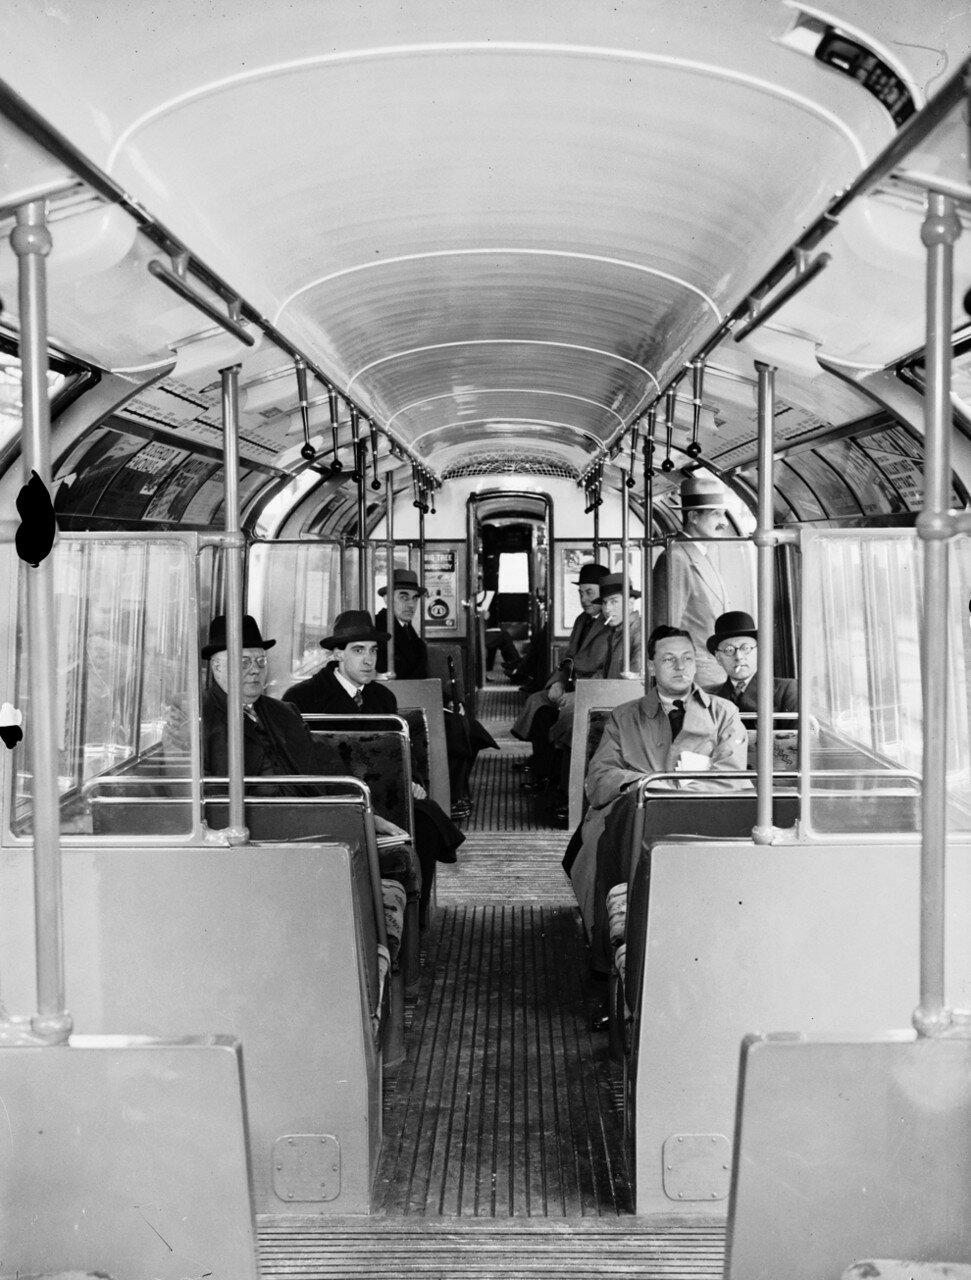 1936. Новые интерьеры вагонов подземки. Лучшие сидения, освещение и вентиляция, а так же и более обтекаемая форма